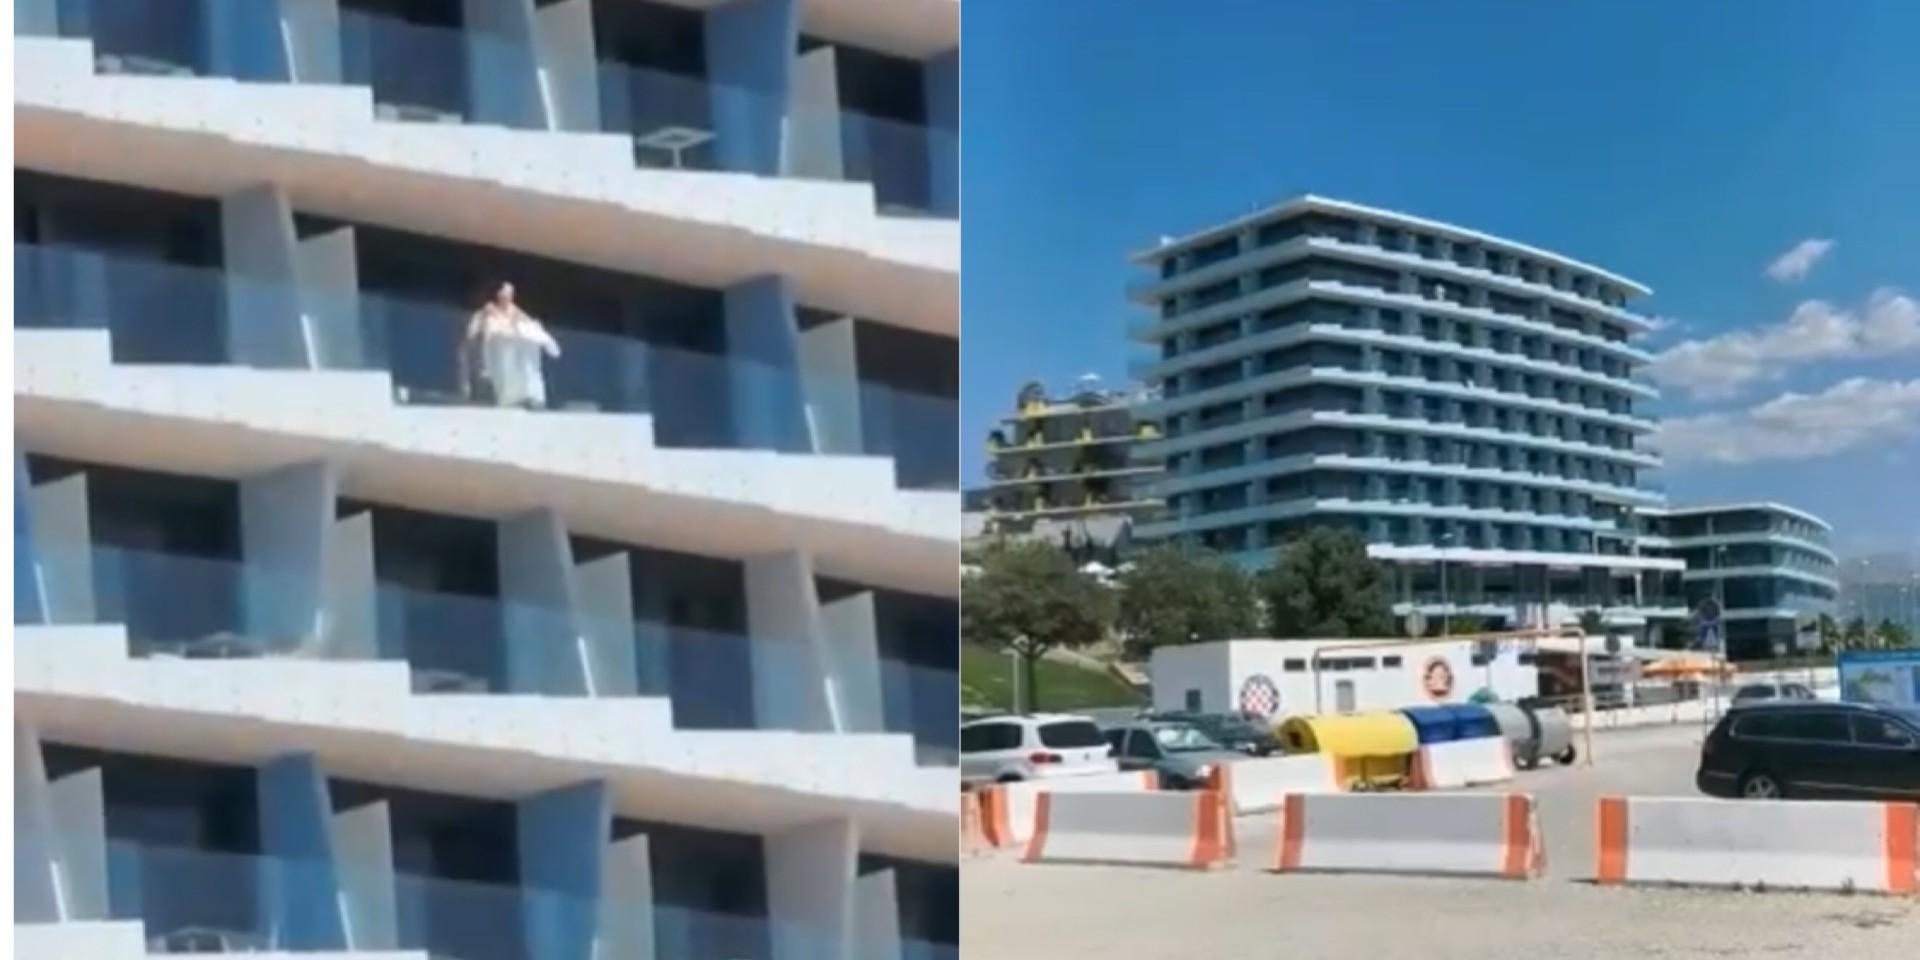 VIDEO: SIROVE STRASTI NA ŽNJANU Usred bijelog dana na balkonu vodili ljubav